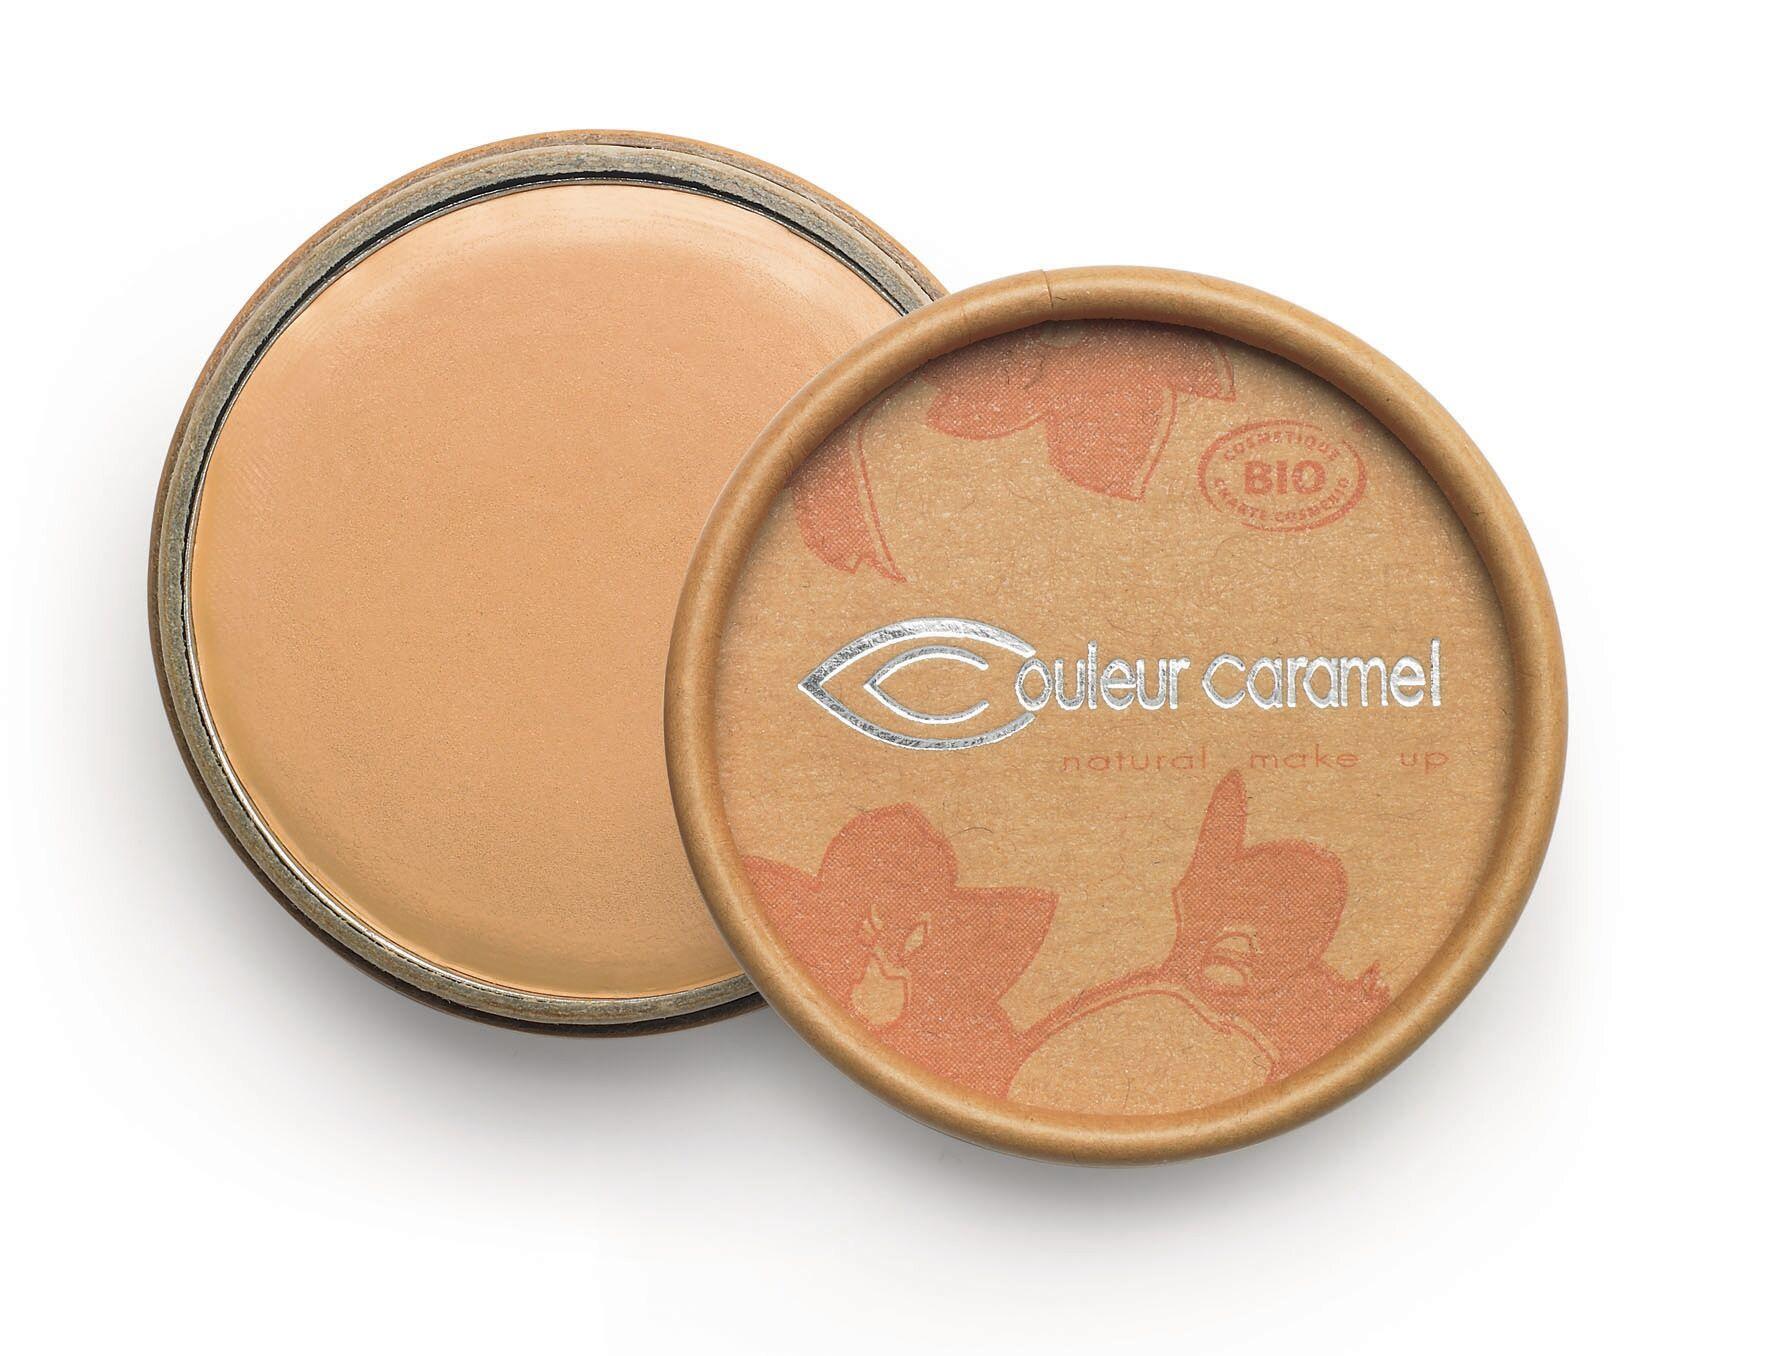 Correcteur Anti-cernes Couleur Caramel 08 Beige abricoté